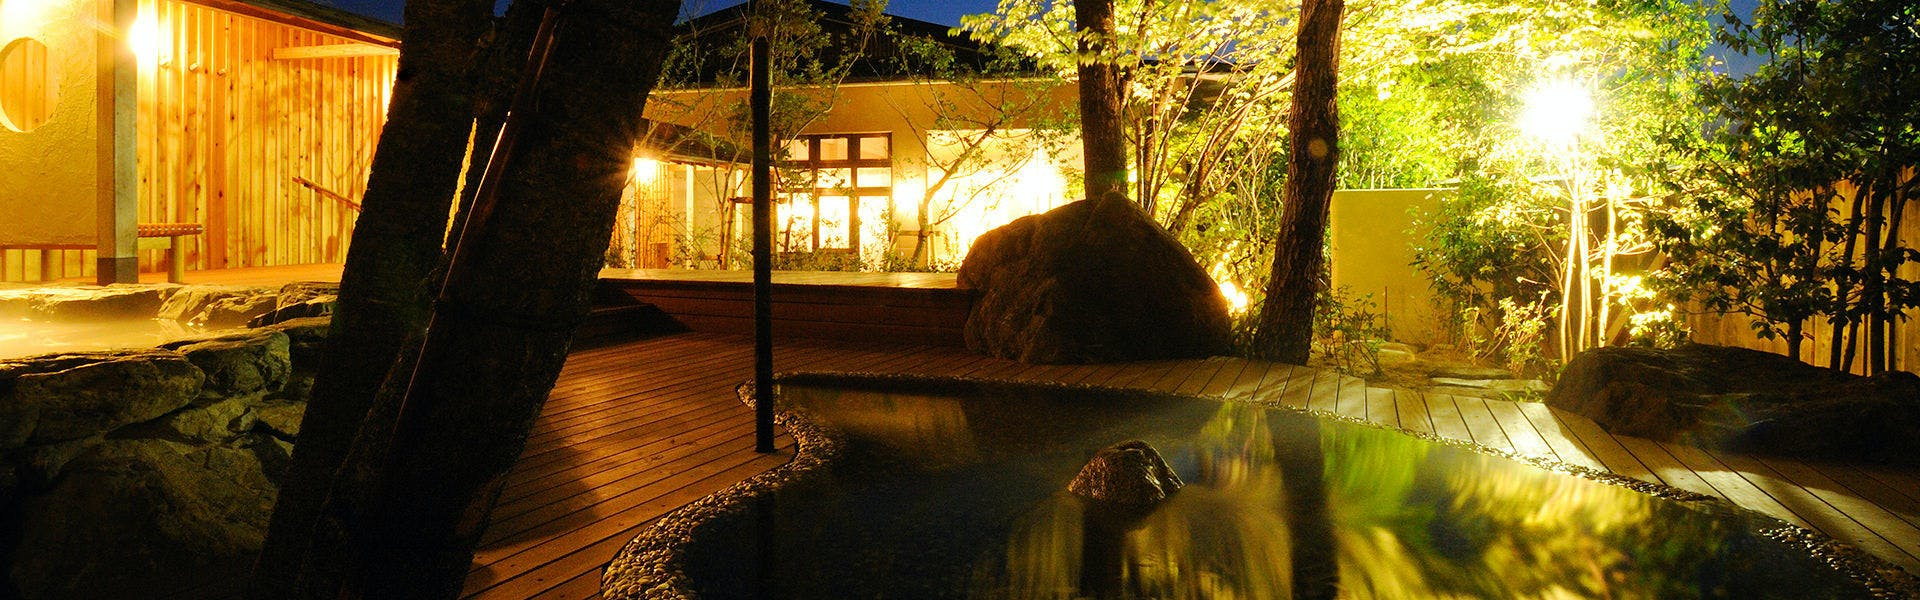 記念日におすすめのホテル・【おとぎの宿 米屋】の写真1